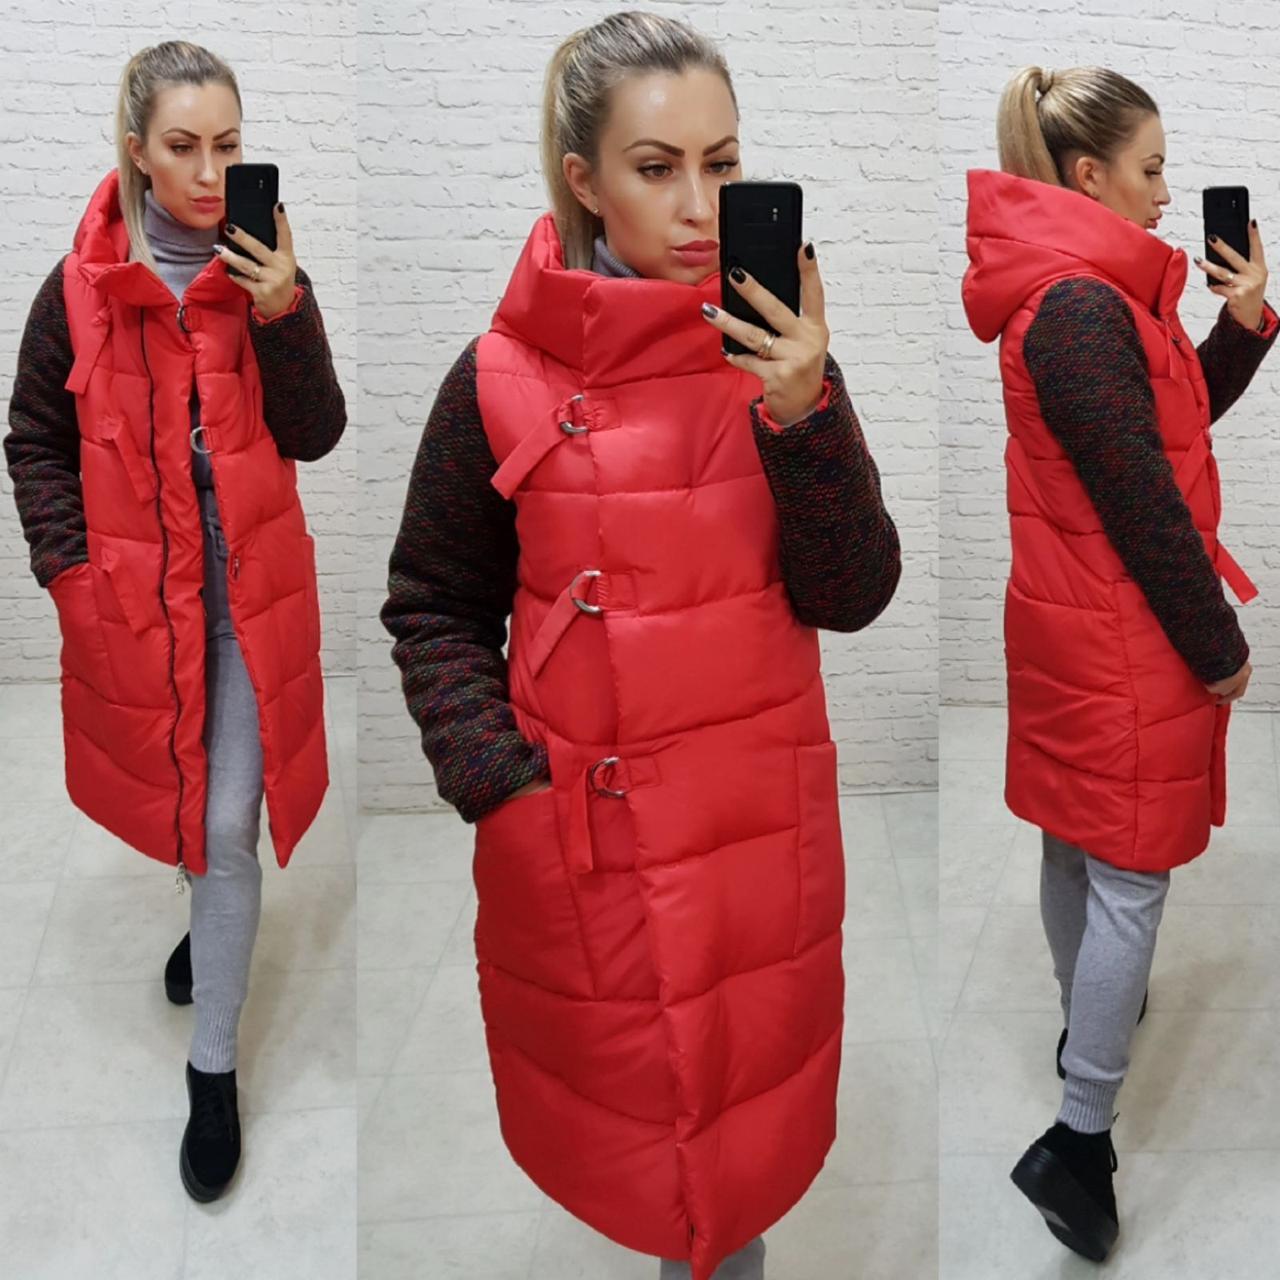 Зимняя комбинированная куртка с капюшоном, красная, арт.181